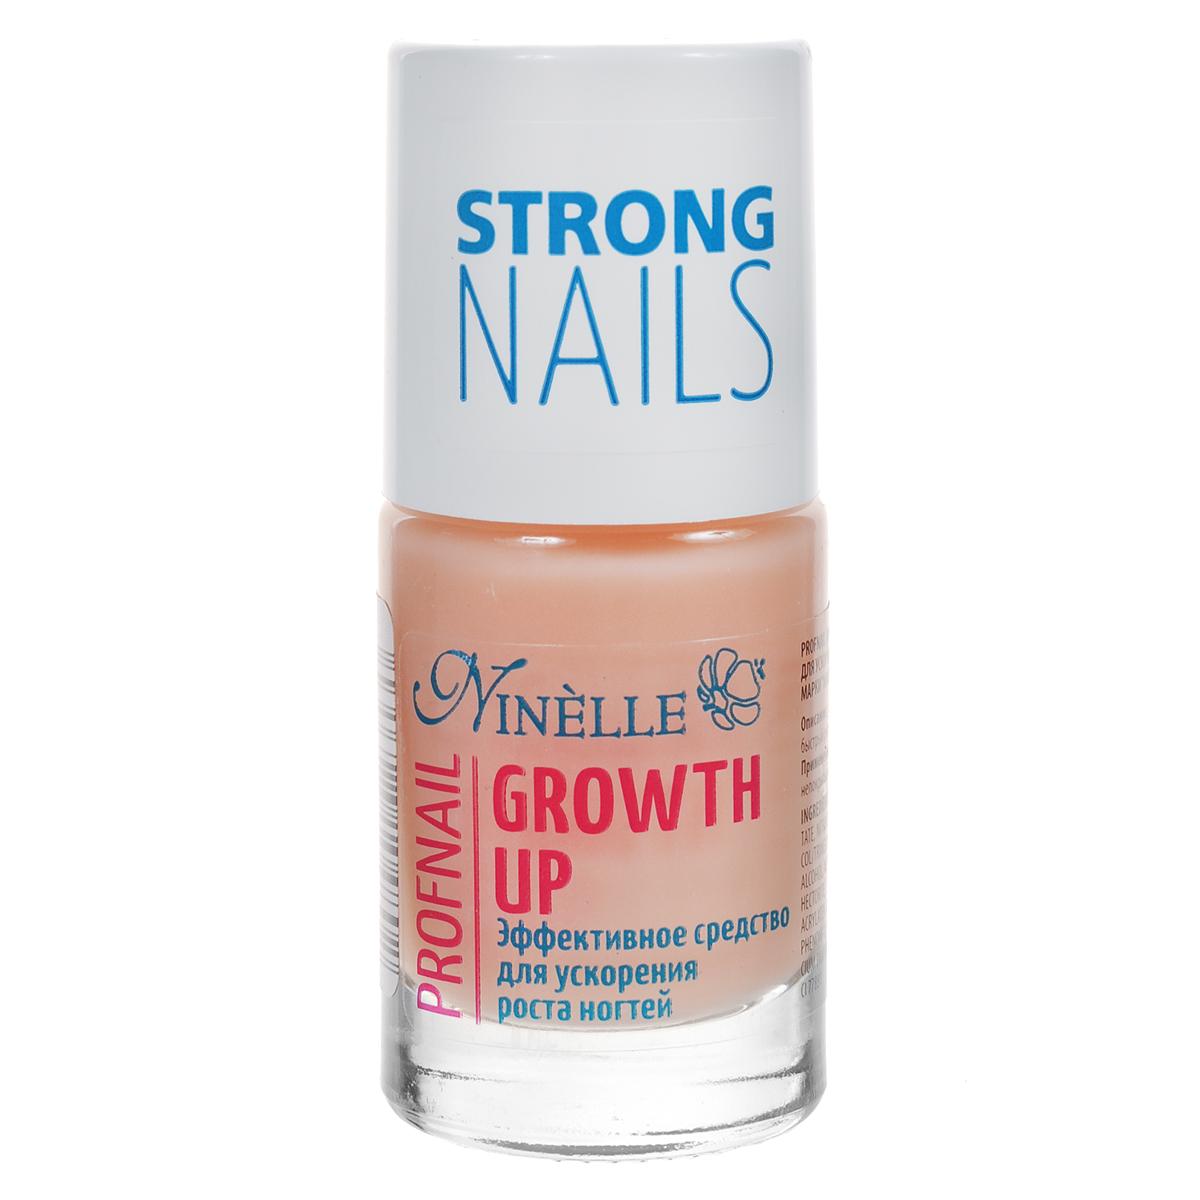 Ninelle Эффективное средство Growth Up для ускорения роста ногтей, 11 мл1301210Эффективное средство по уходу за хрупкими и расслаивающимися ногтями, способствующее усиленному росту ногтей. В состав питательного средства входят кальций и экстракт сладкого миндаля. Средство стимулирует рост ногтей и предназначено для ухода за хрупкими и расслаивающимися ногтями. Подходит для ежедневного применения. Данный препарат обеспечивает ногтям максимально быстрый рост в течение 2-х недель.Товар сертифицирован.